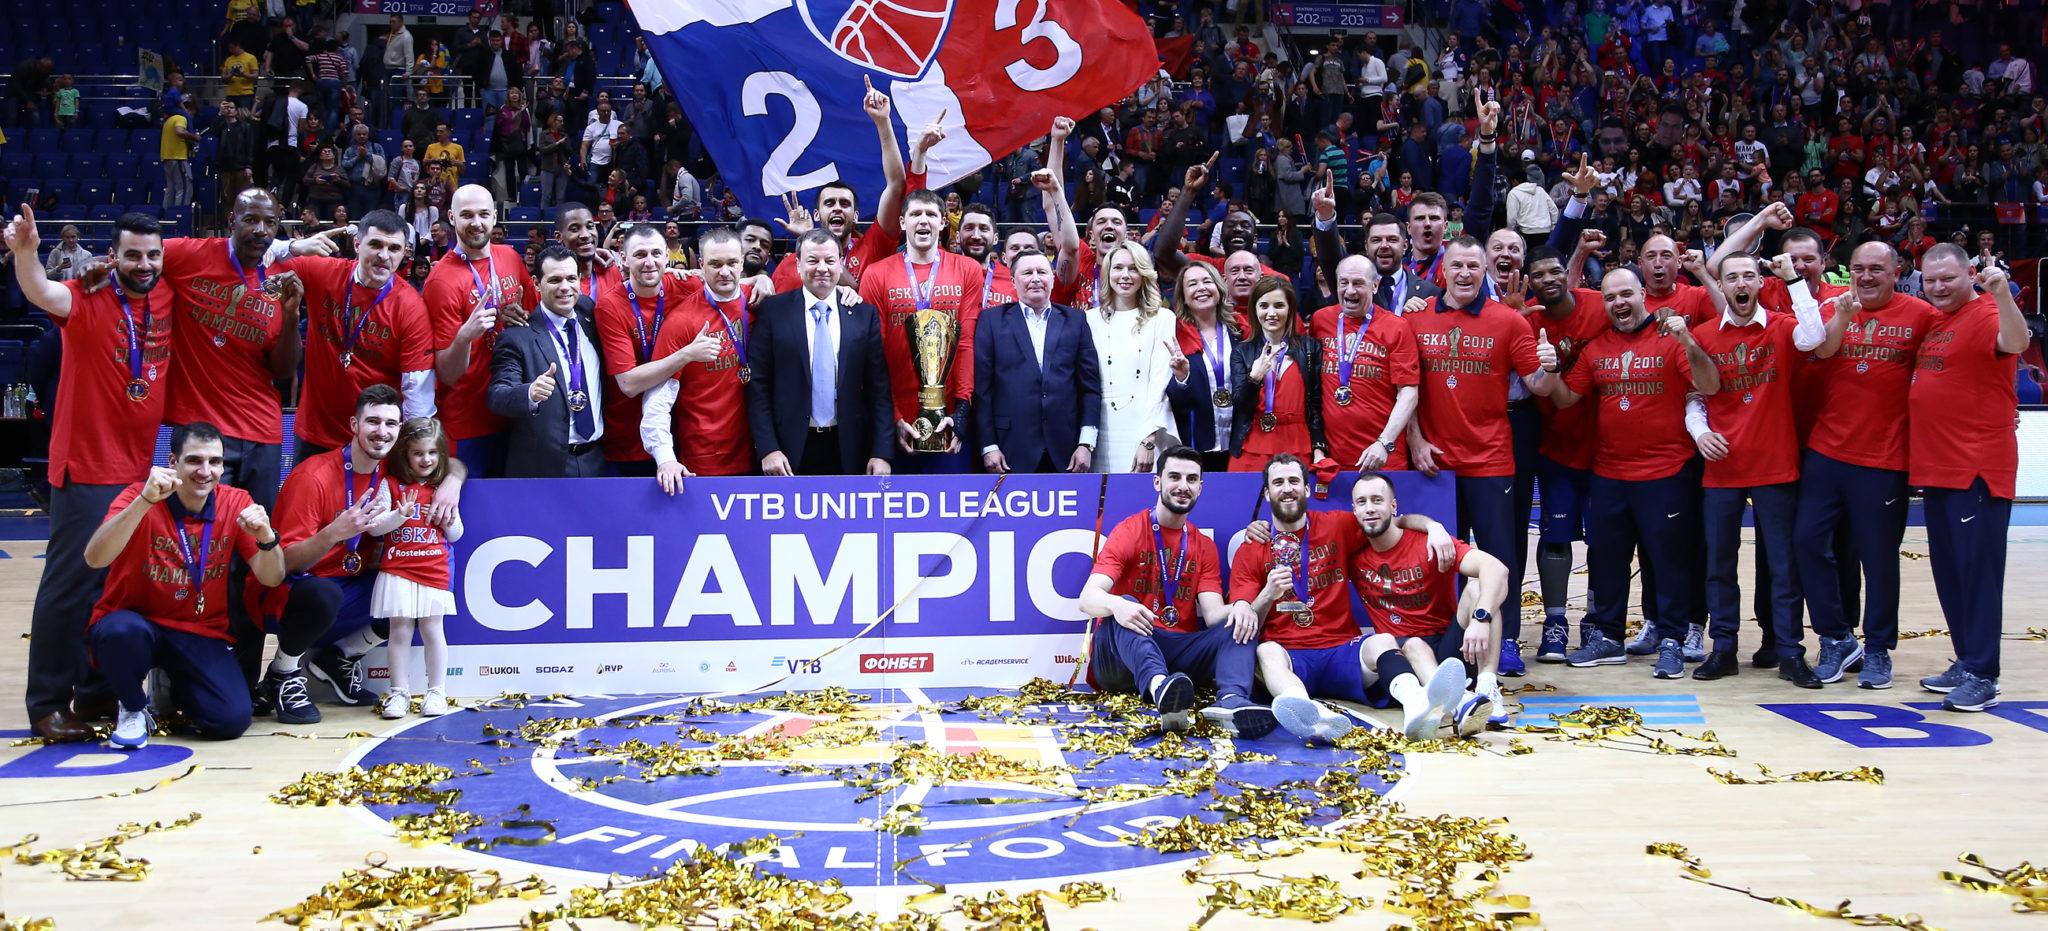 Ο Ιτούδης κέρδισε τον Μπαρτζώκα και πανηγύρισε μία ακόμη VTB League   to10.gr